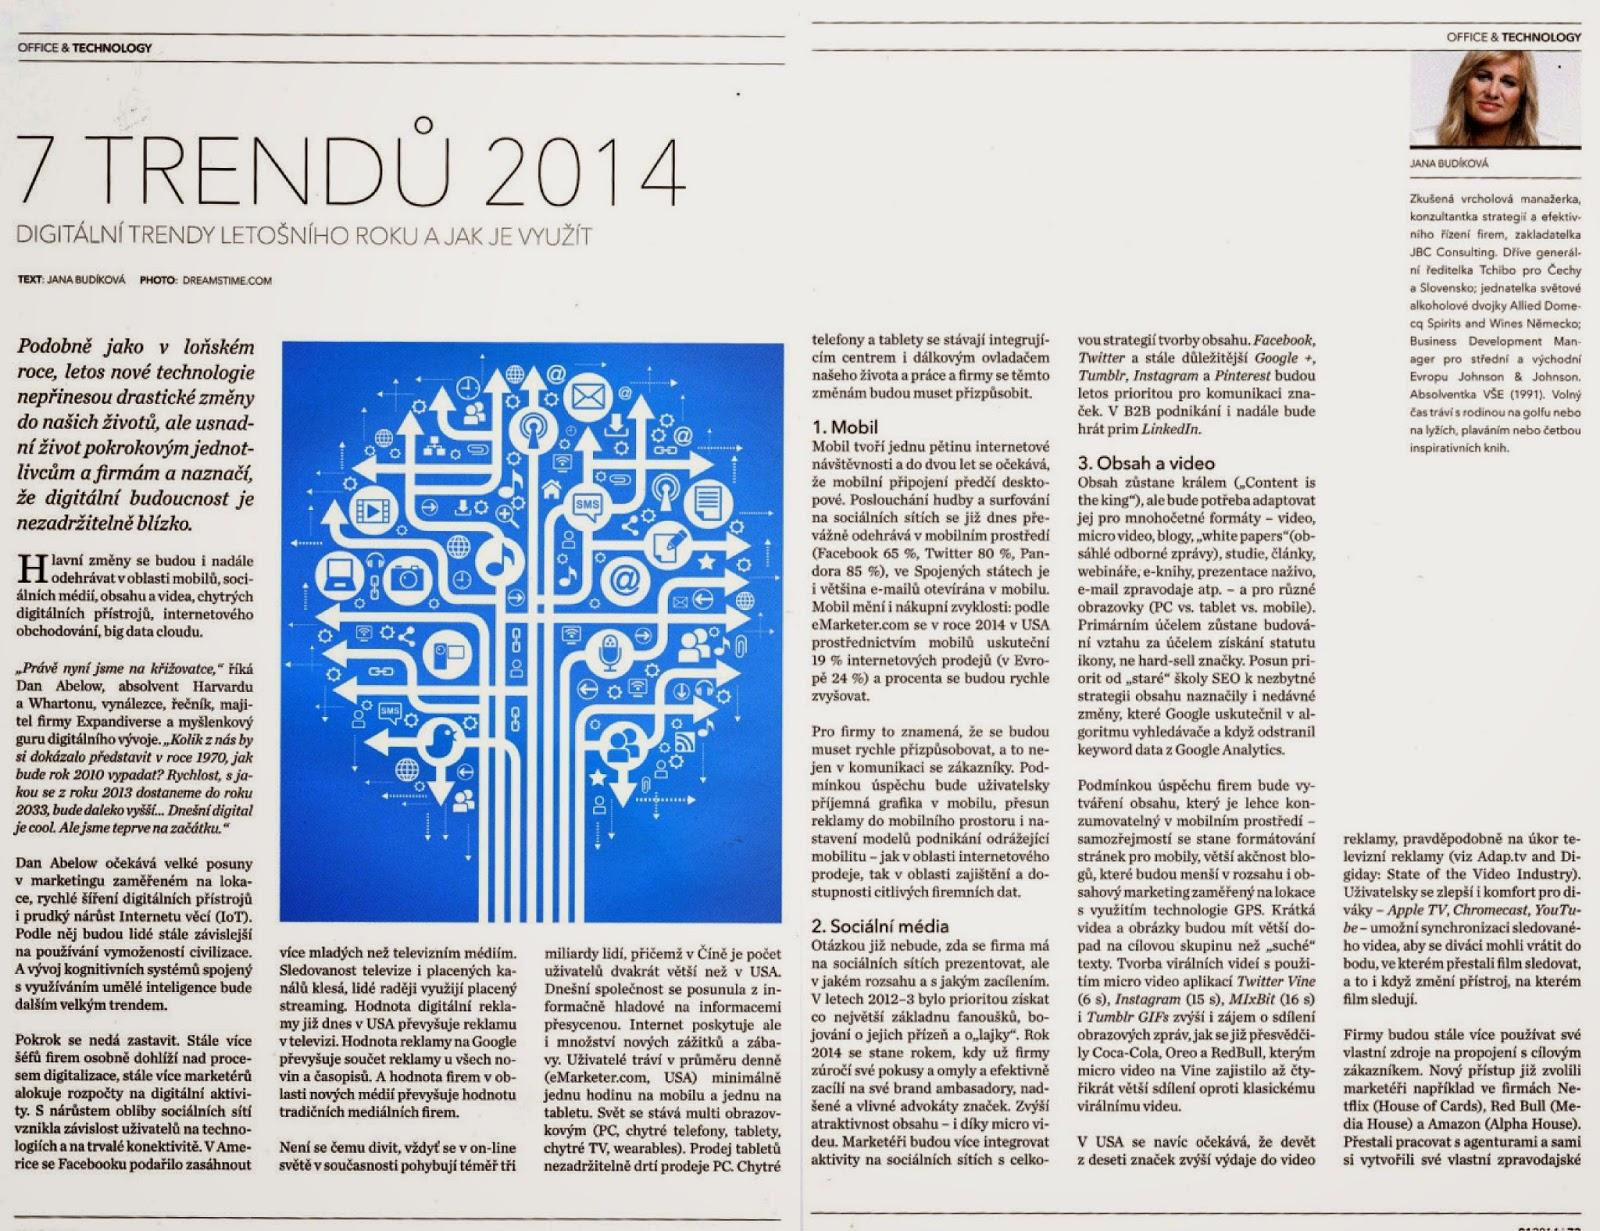 bdf99c78cf9 Tento článek byl připraven pro časopis Business Woman (01-2014).